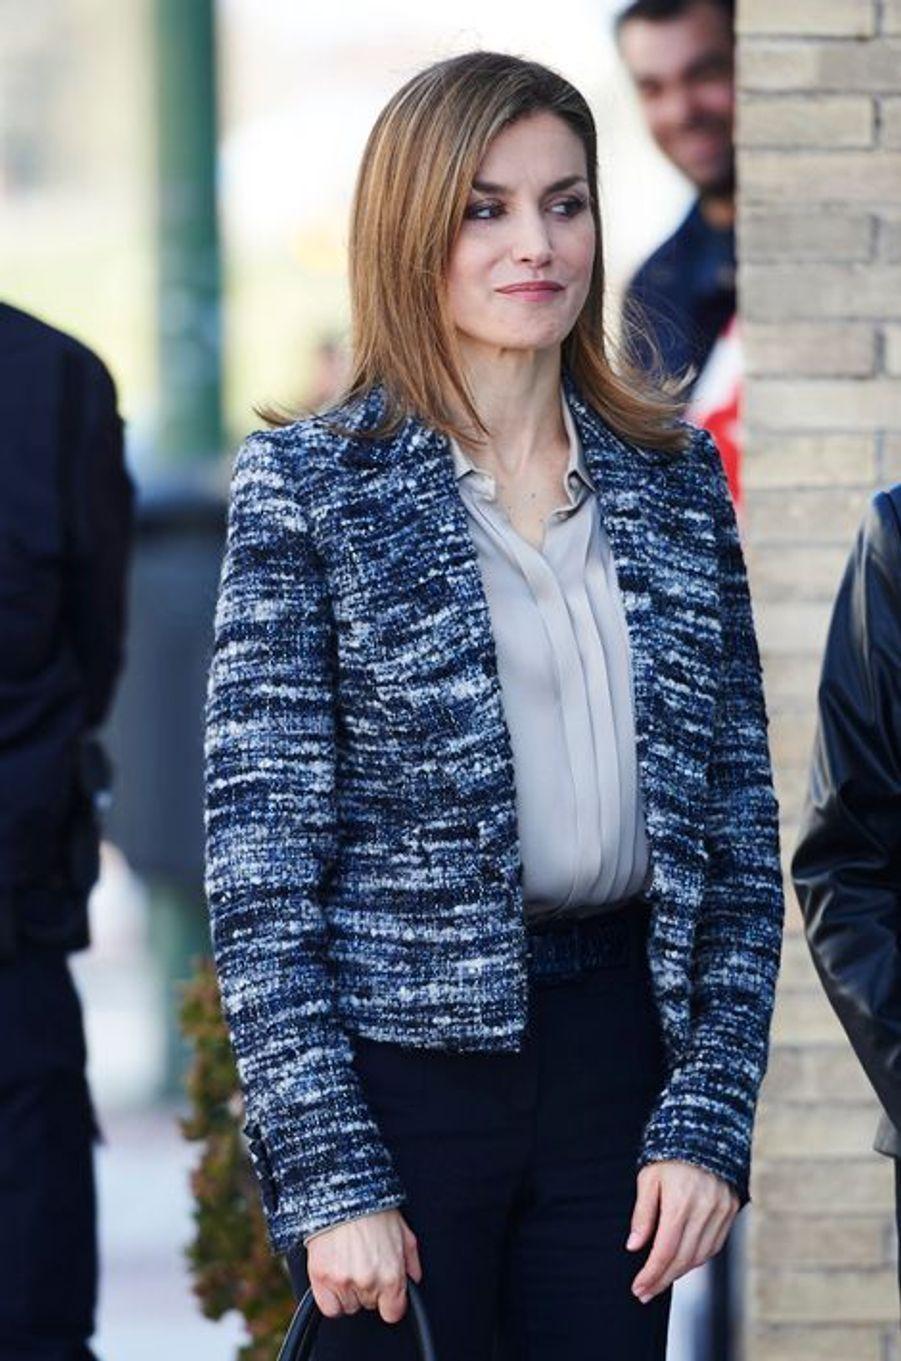 La reine Letizia d'Espagne arrive au comité espagnol de l'Unicef à Madrid, le 16 mars 2015